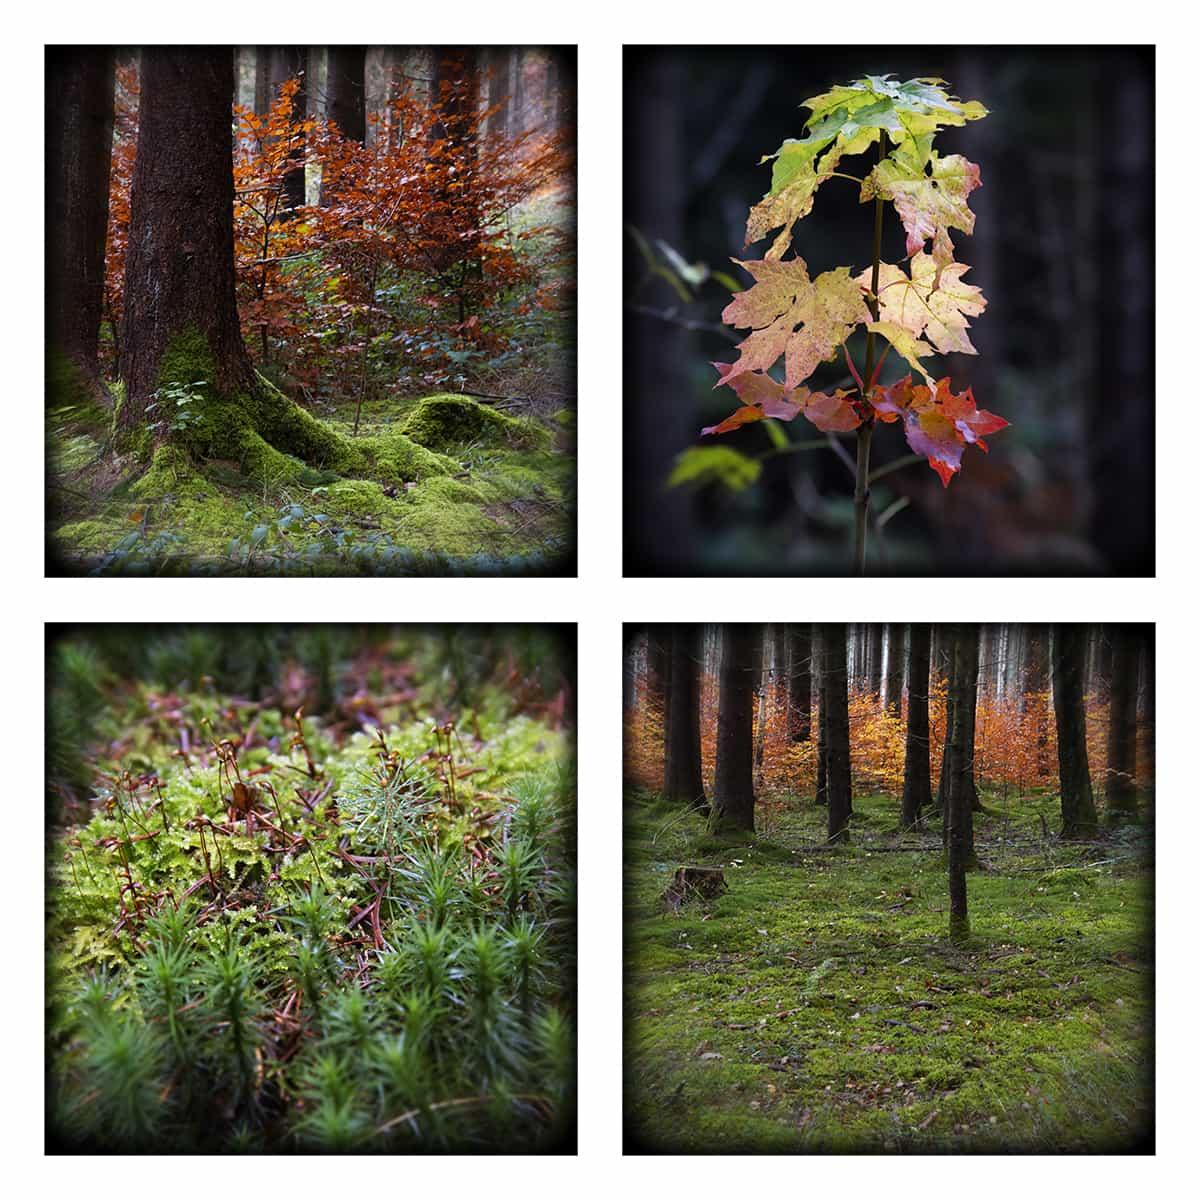 MAGIC FOREST LXVII